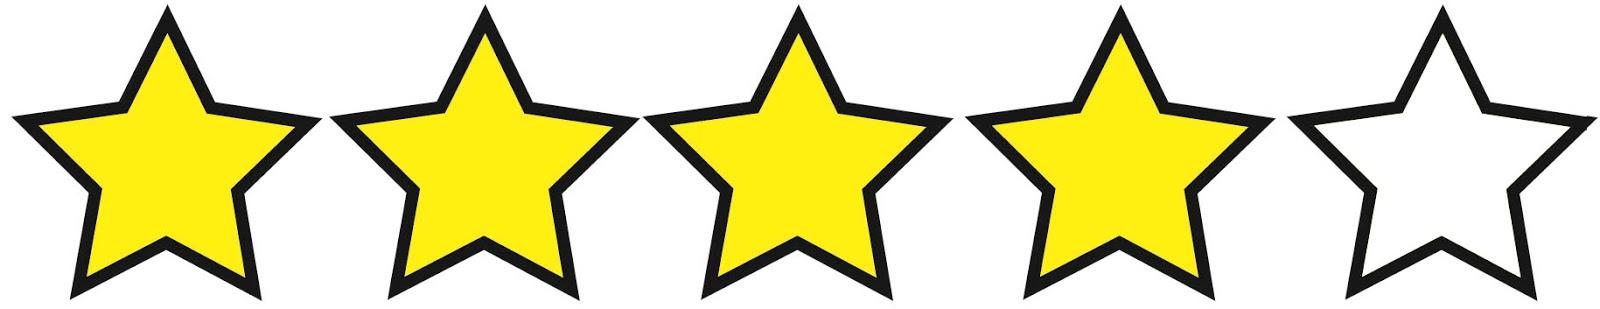 Risultati immagini per 4 stelle su 5